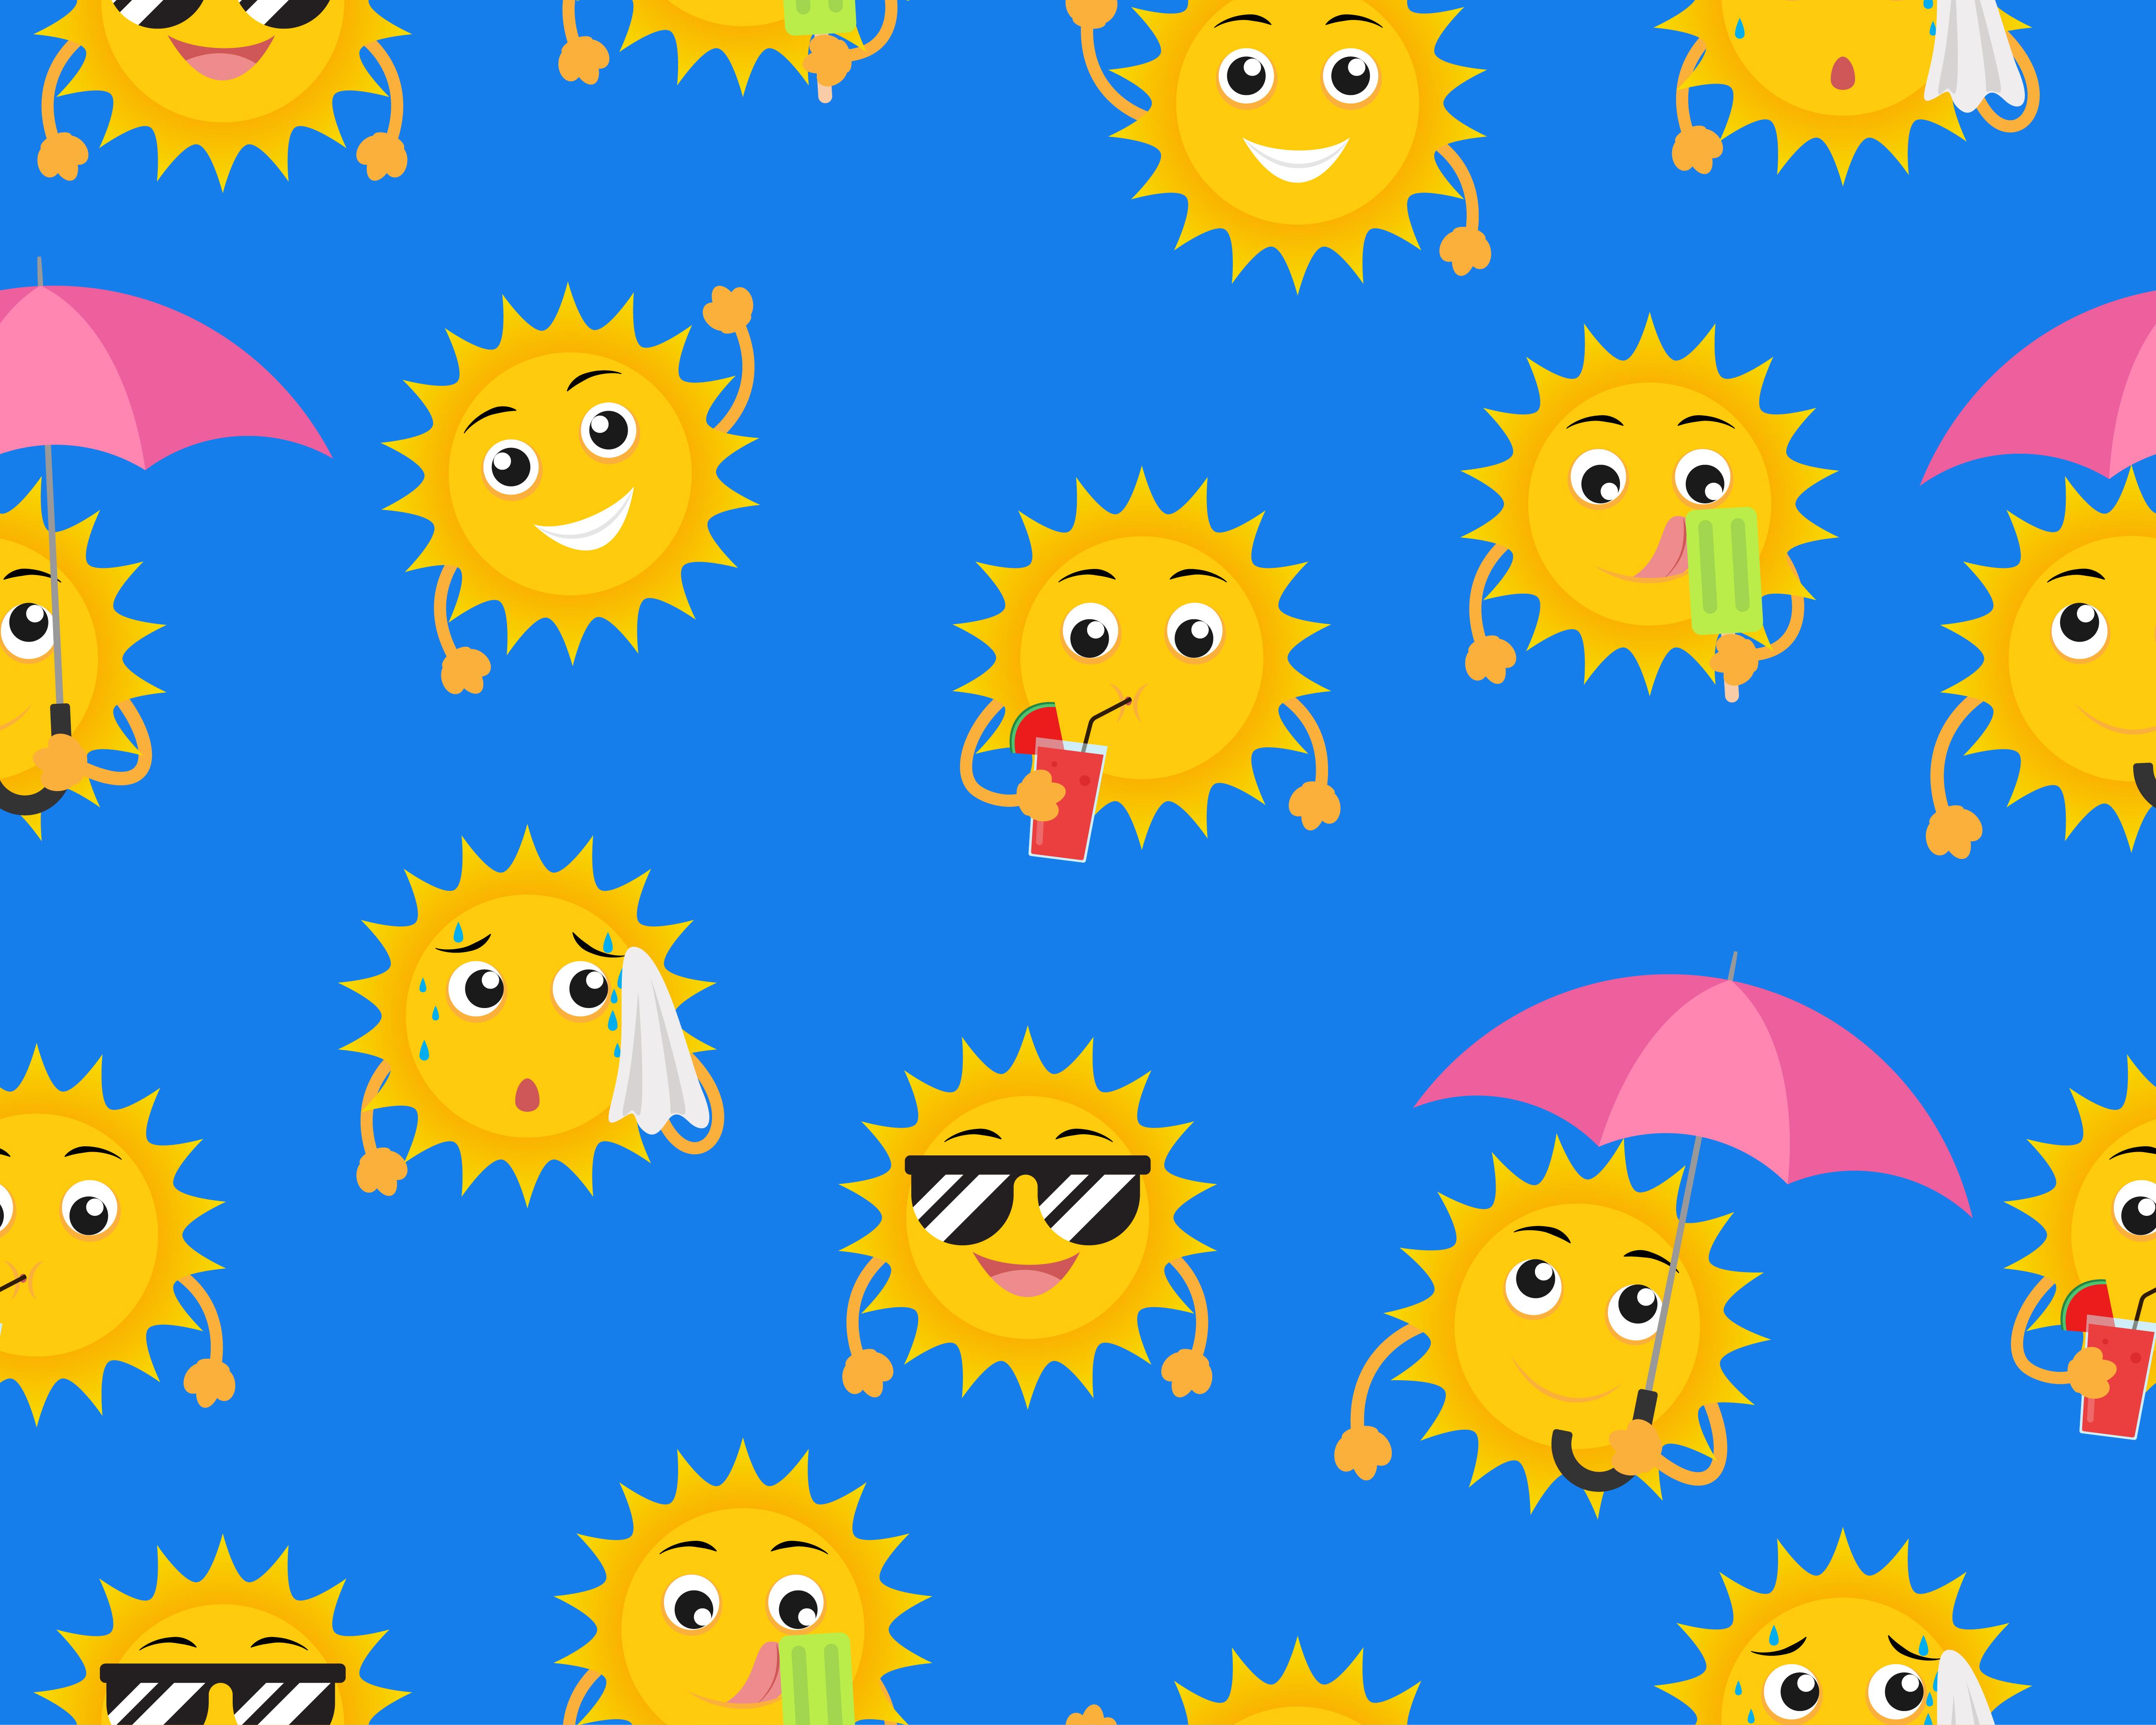 太陽圖案 免費下載   天天瘋後製